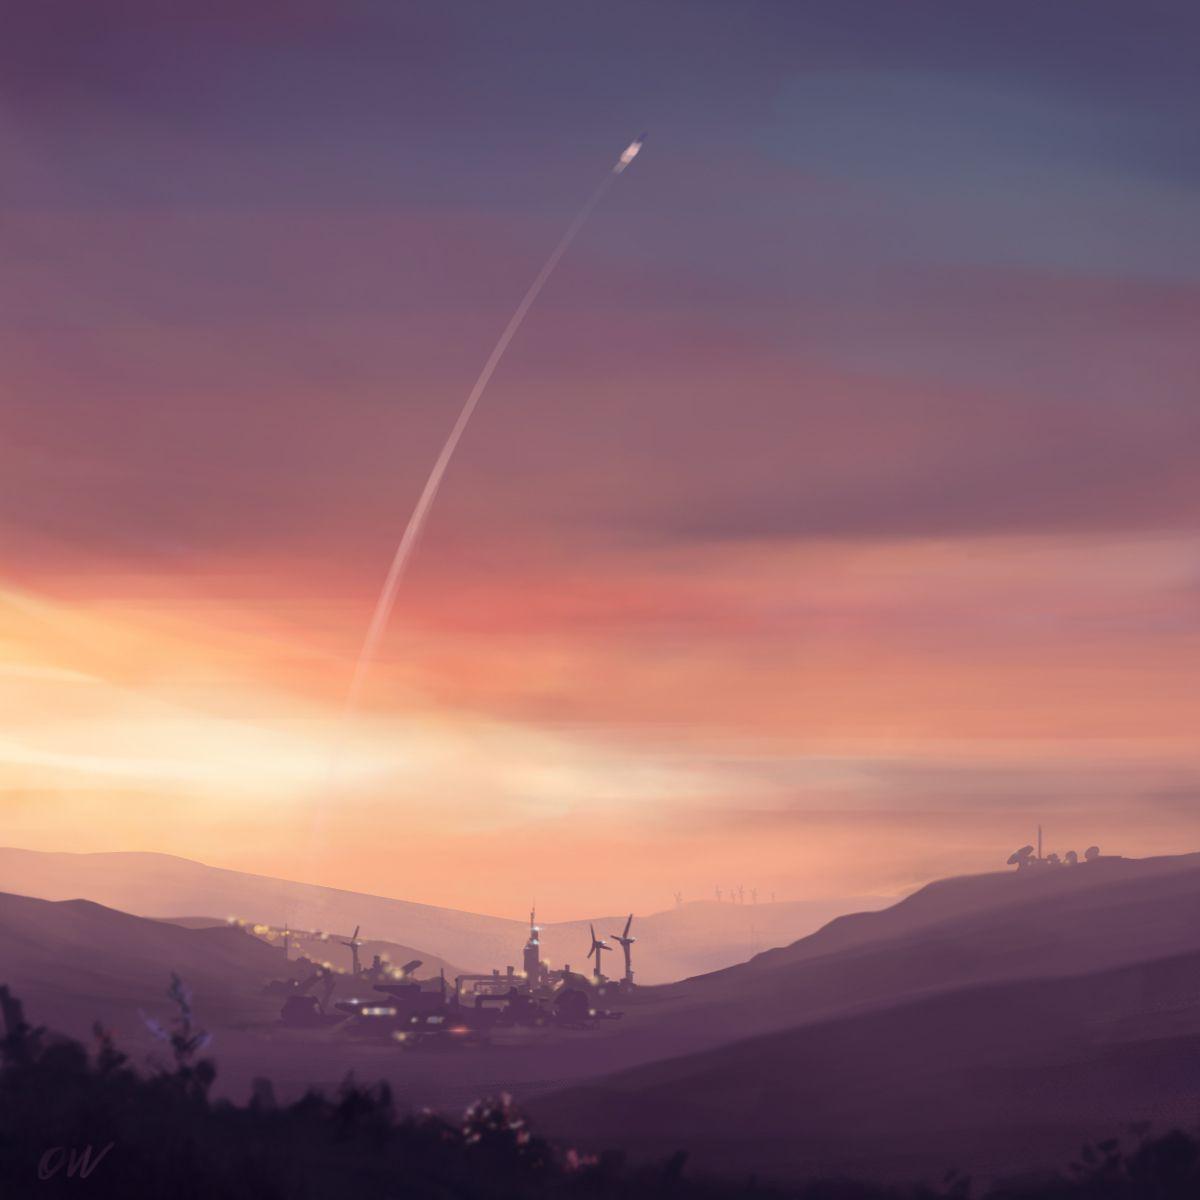 Planetsunset Omervandevelde